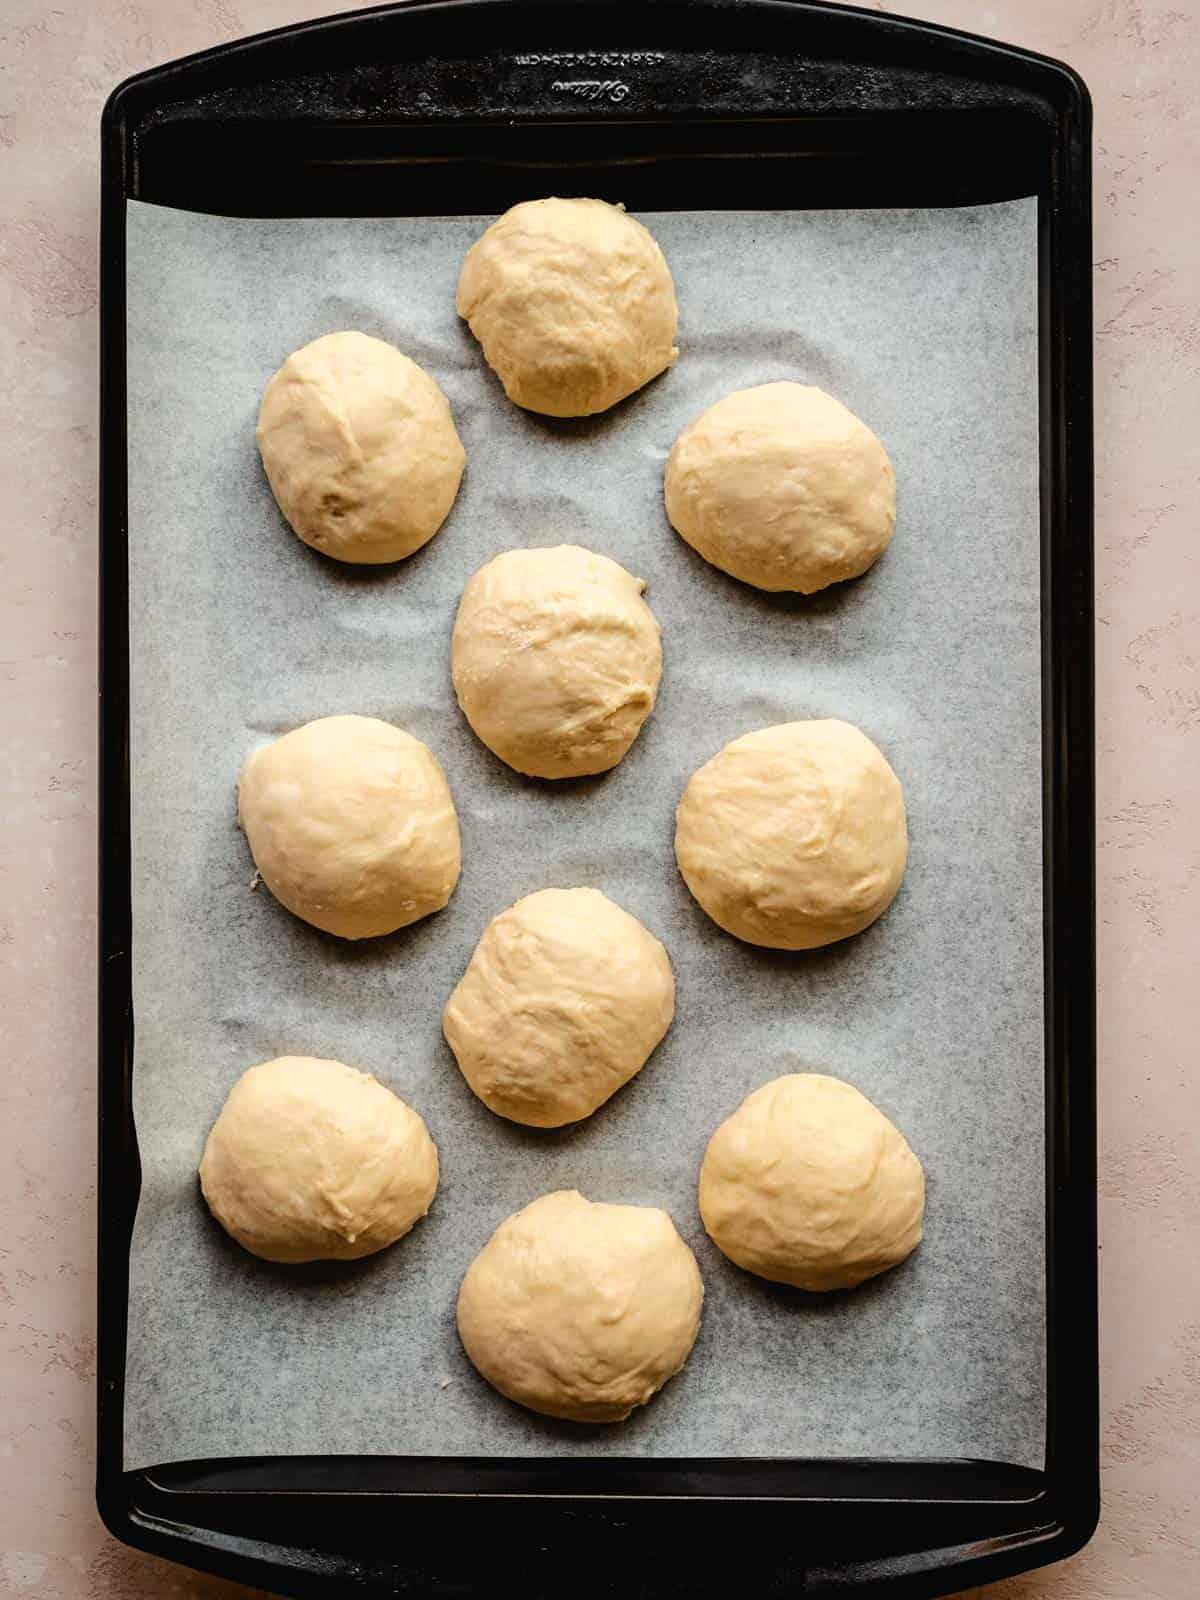 brioche buns ready for second rise